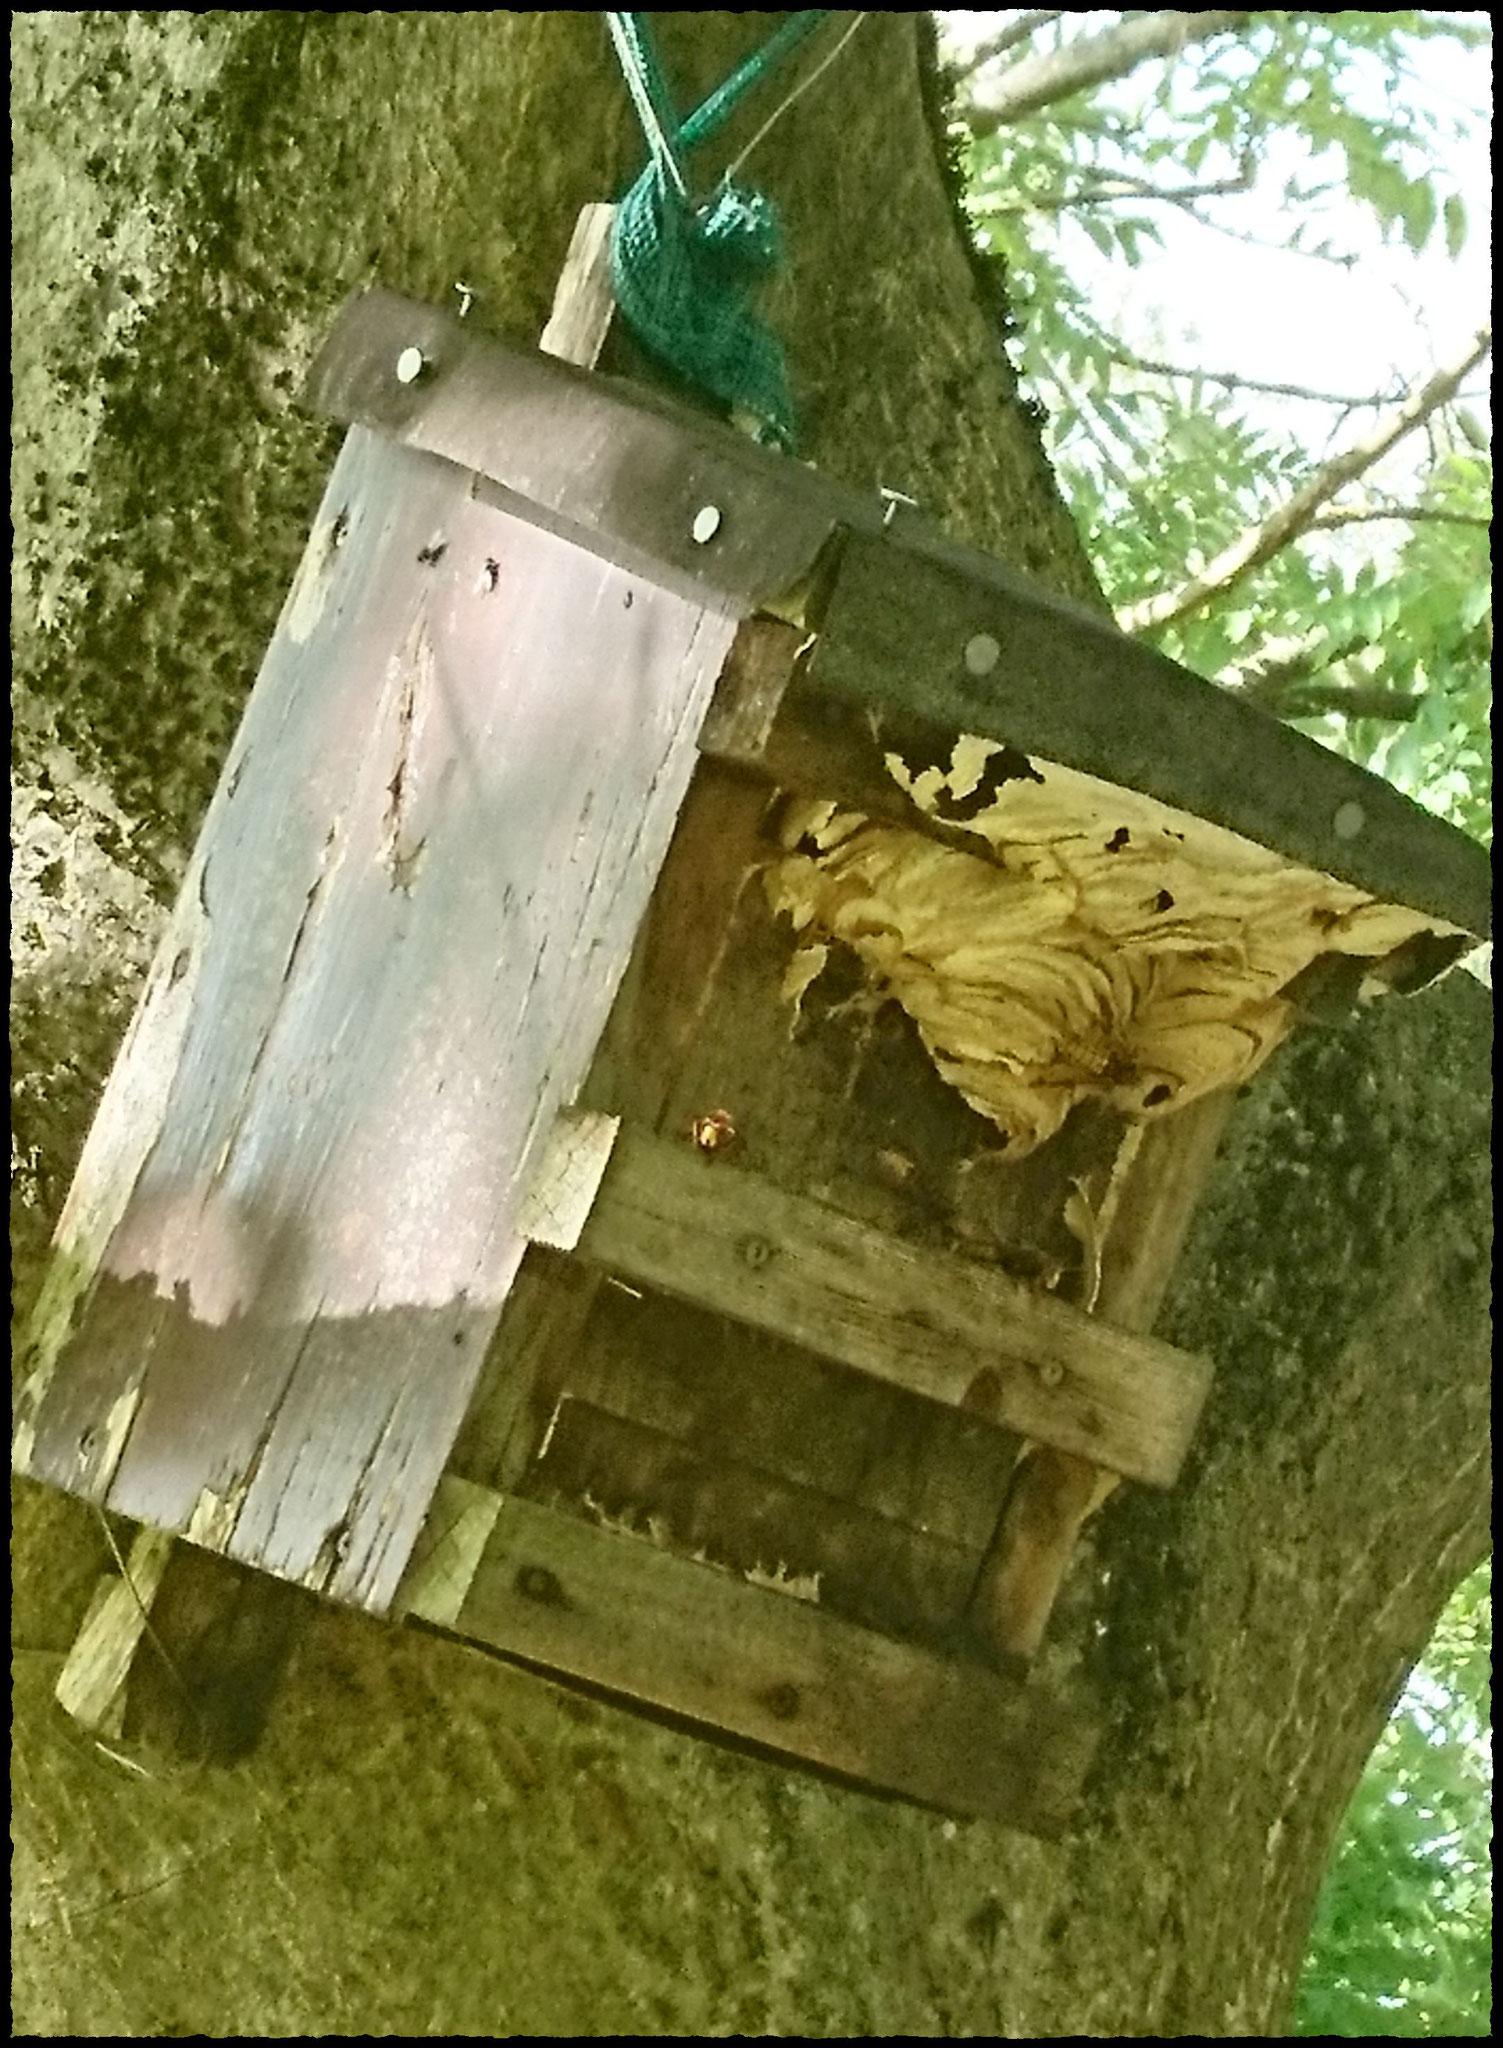 Hornissen bauen außen am Nistkasten weiter, wenn das Innere voll ist.